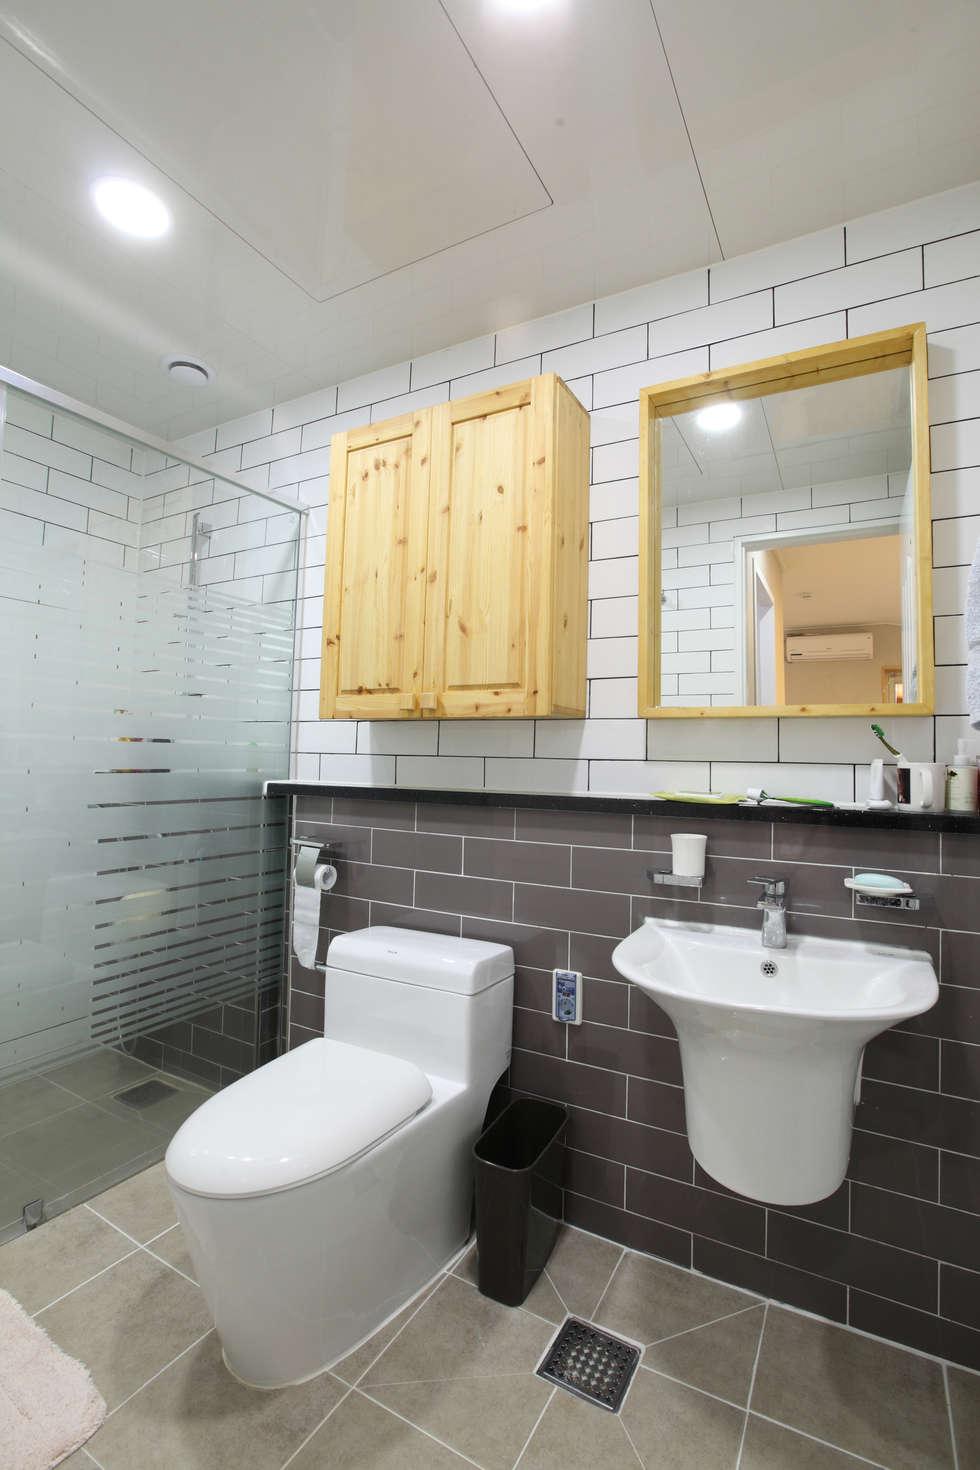 욕실: 주택설계전문 디자인그룹 홈스타일토토의  화장실